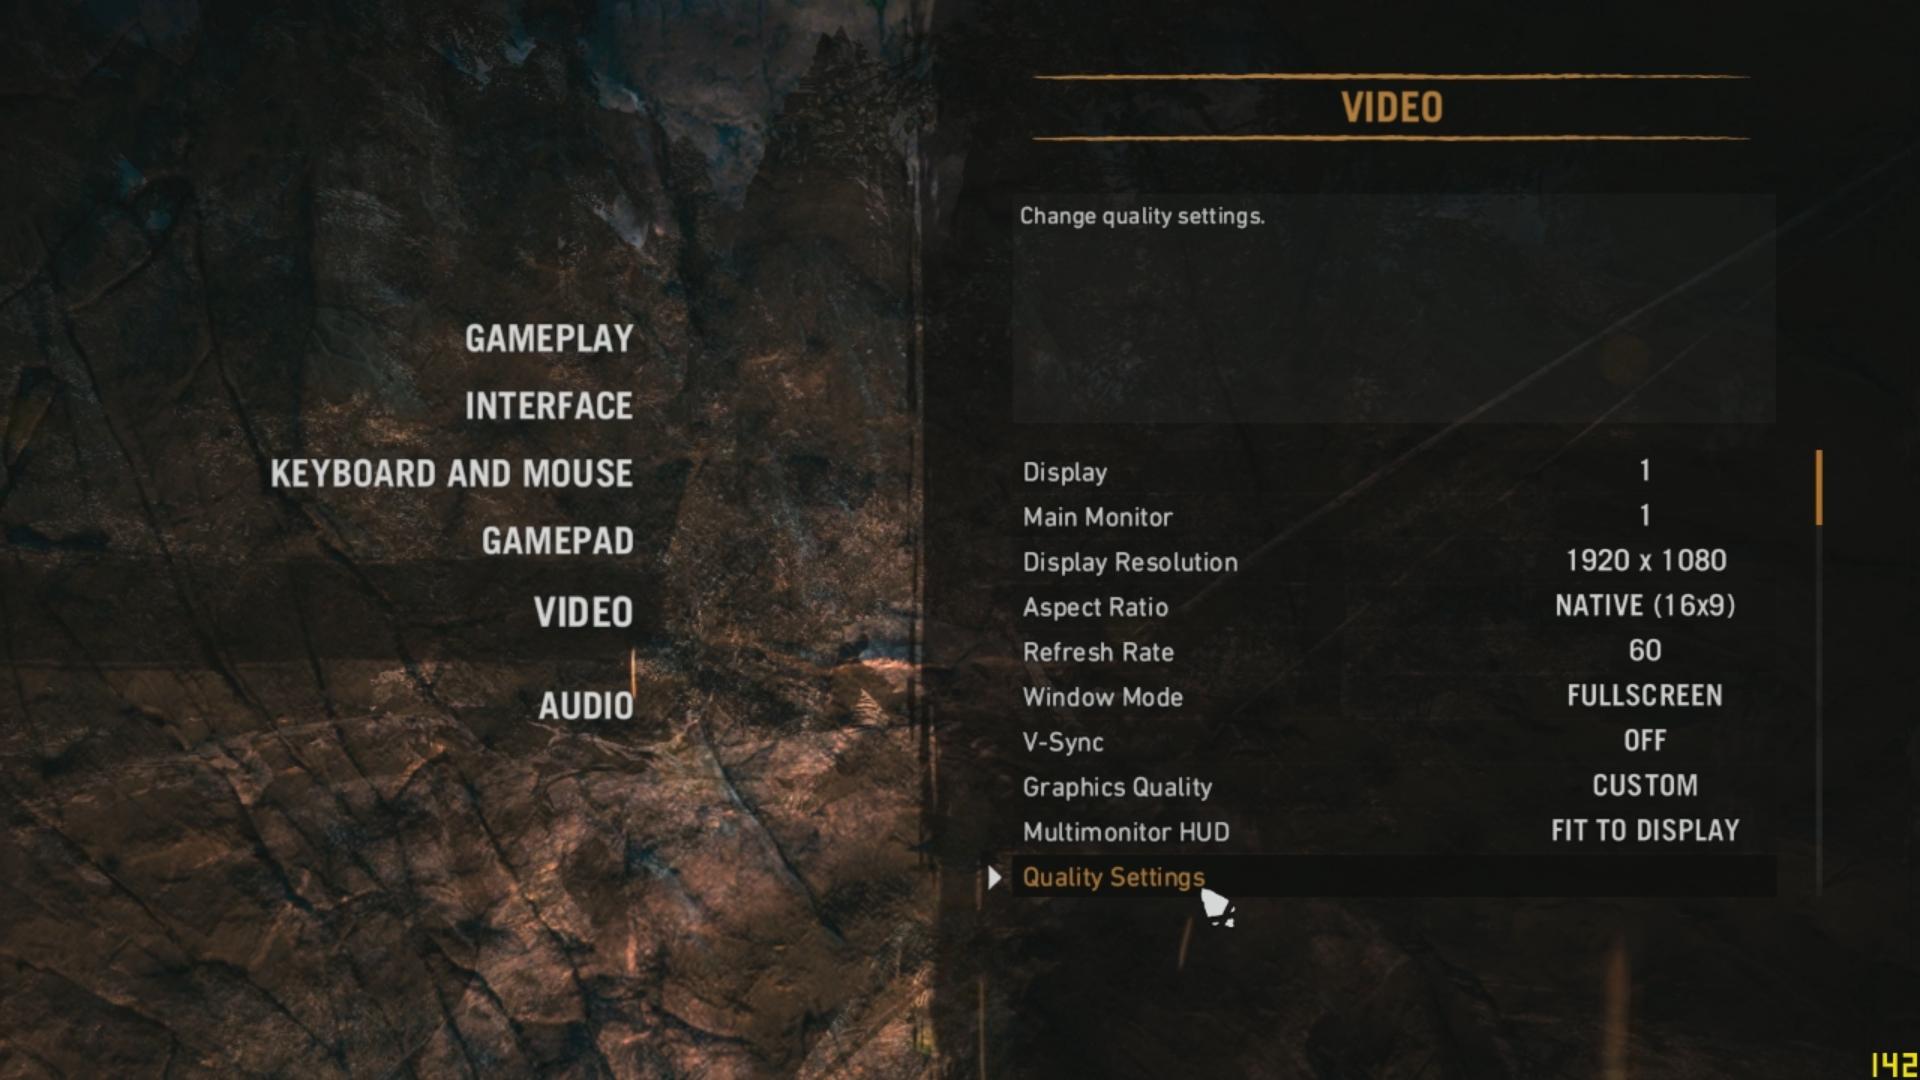 Co vše půjde nastavit u PC verze Far Cry Primal? 119906